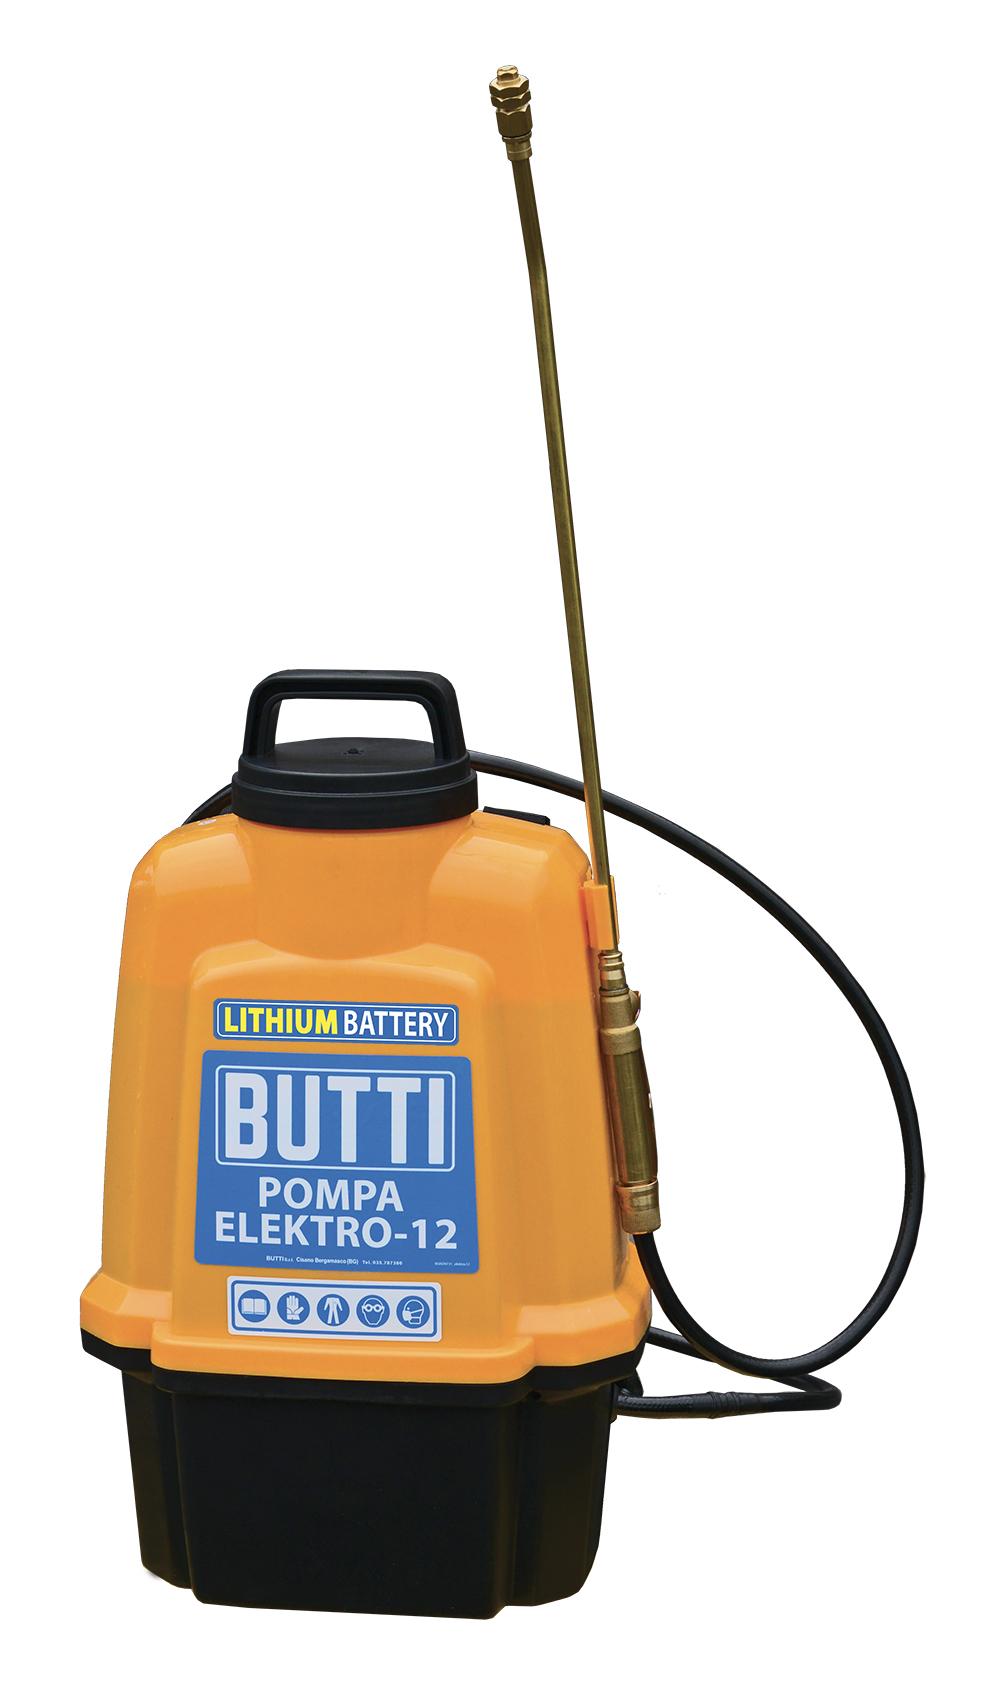 Professionele accupomp Elektro-12 Butti